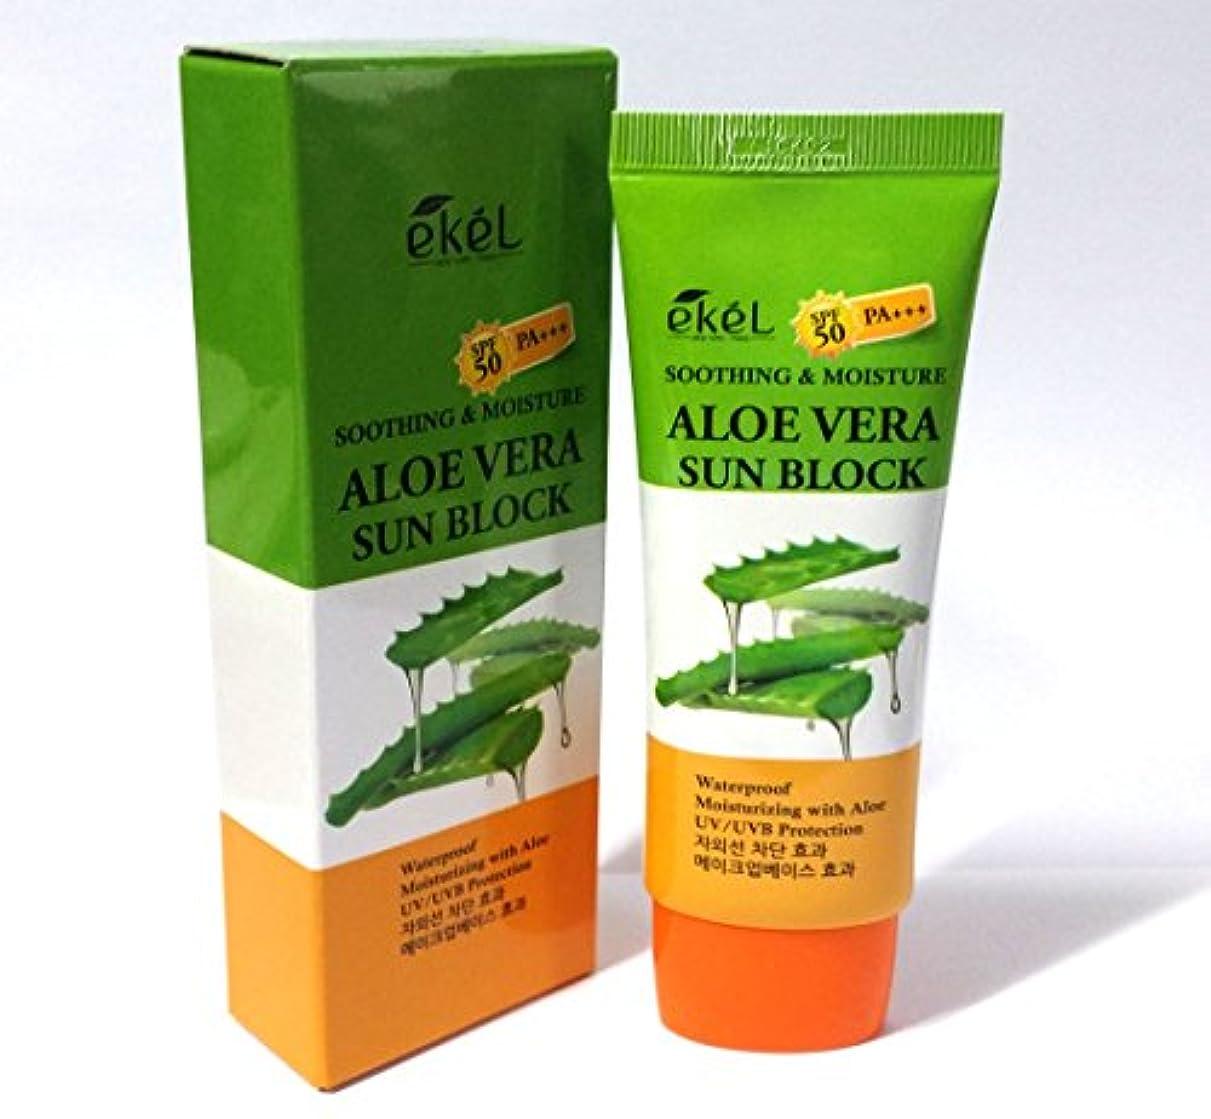 鎮静剤貴重な容赦ない[Ekel] UVスムージング&モイスチャーアロエベラサンブロックSPF 50 PA +++ 70ml / UV Soothing & Moisture Aloe Vera Sun Block SPF 50 PA +++ 70ml/ スーミング、防水、プライマー/韓国化粧品 / Soothing, Waterproof, Primer/Korean Cosmetics (1EA) [並行輸入品]